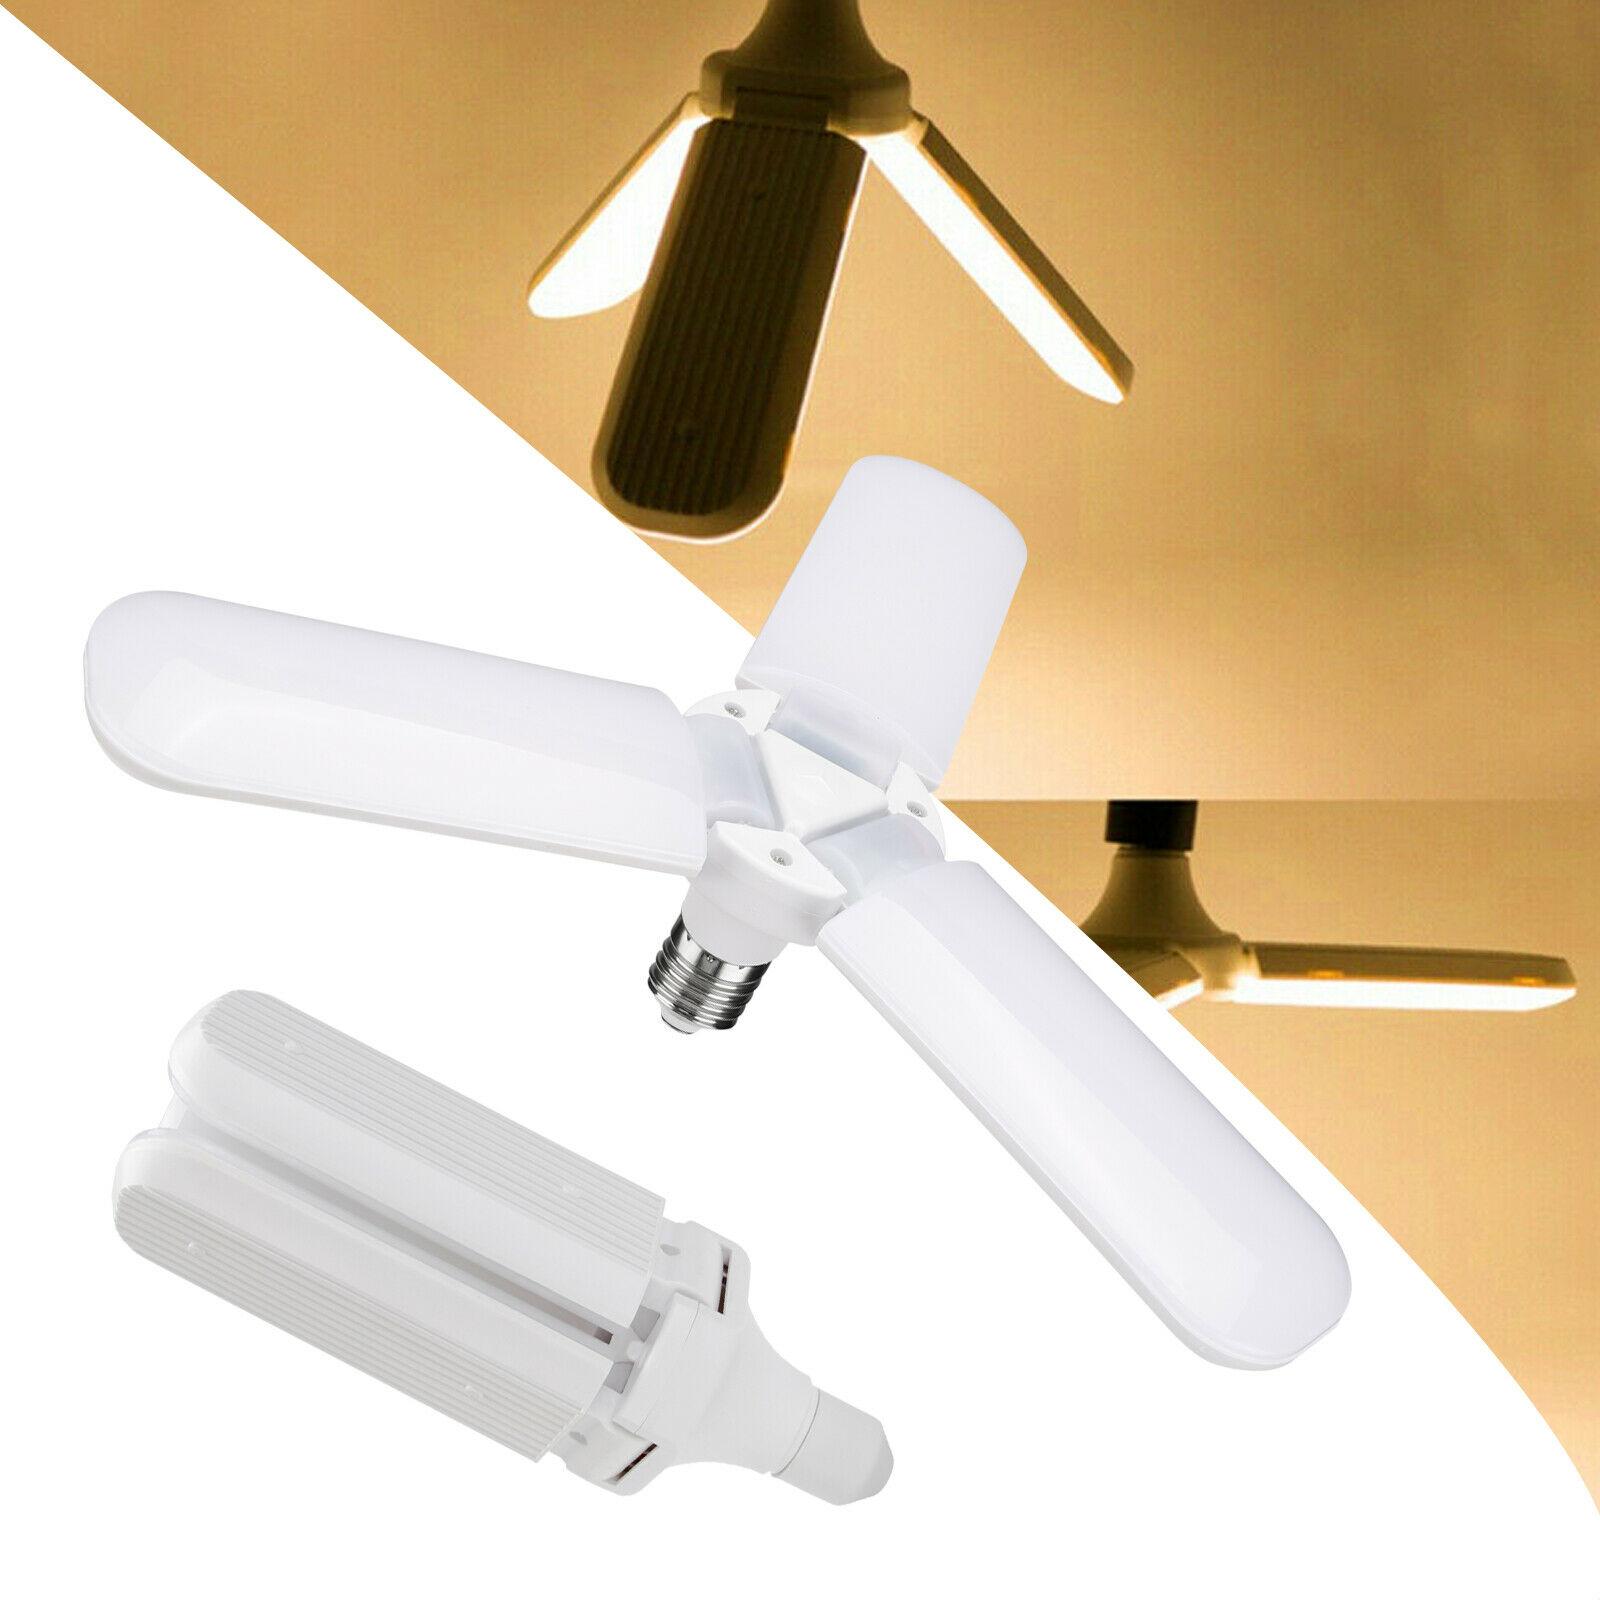 45W E27 da Pá do Ventilador Do DIODO EMISSOR de Luz Lâmpada LED Dobrável Lâmpada Garagem AC85-265V Ajustável Iluminação de teto branco Quente/Frio branco